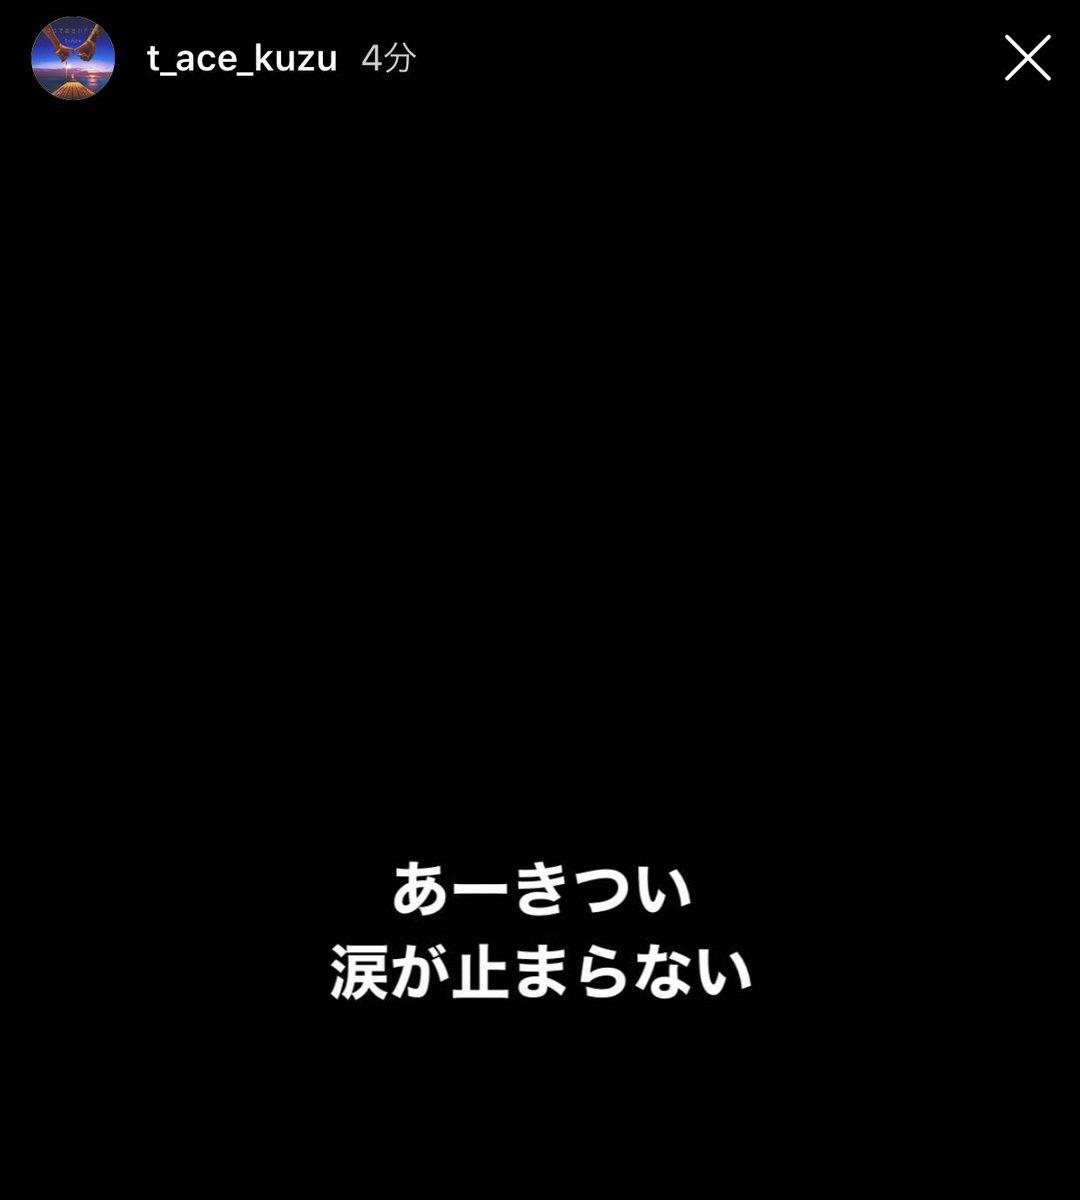 画像 里 吉松 弥 吉松弥里(みさと)Facebook顔画像「性的欲求を満たされなかった」福岡百道